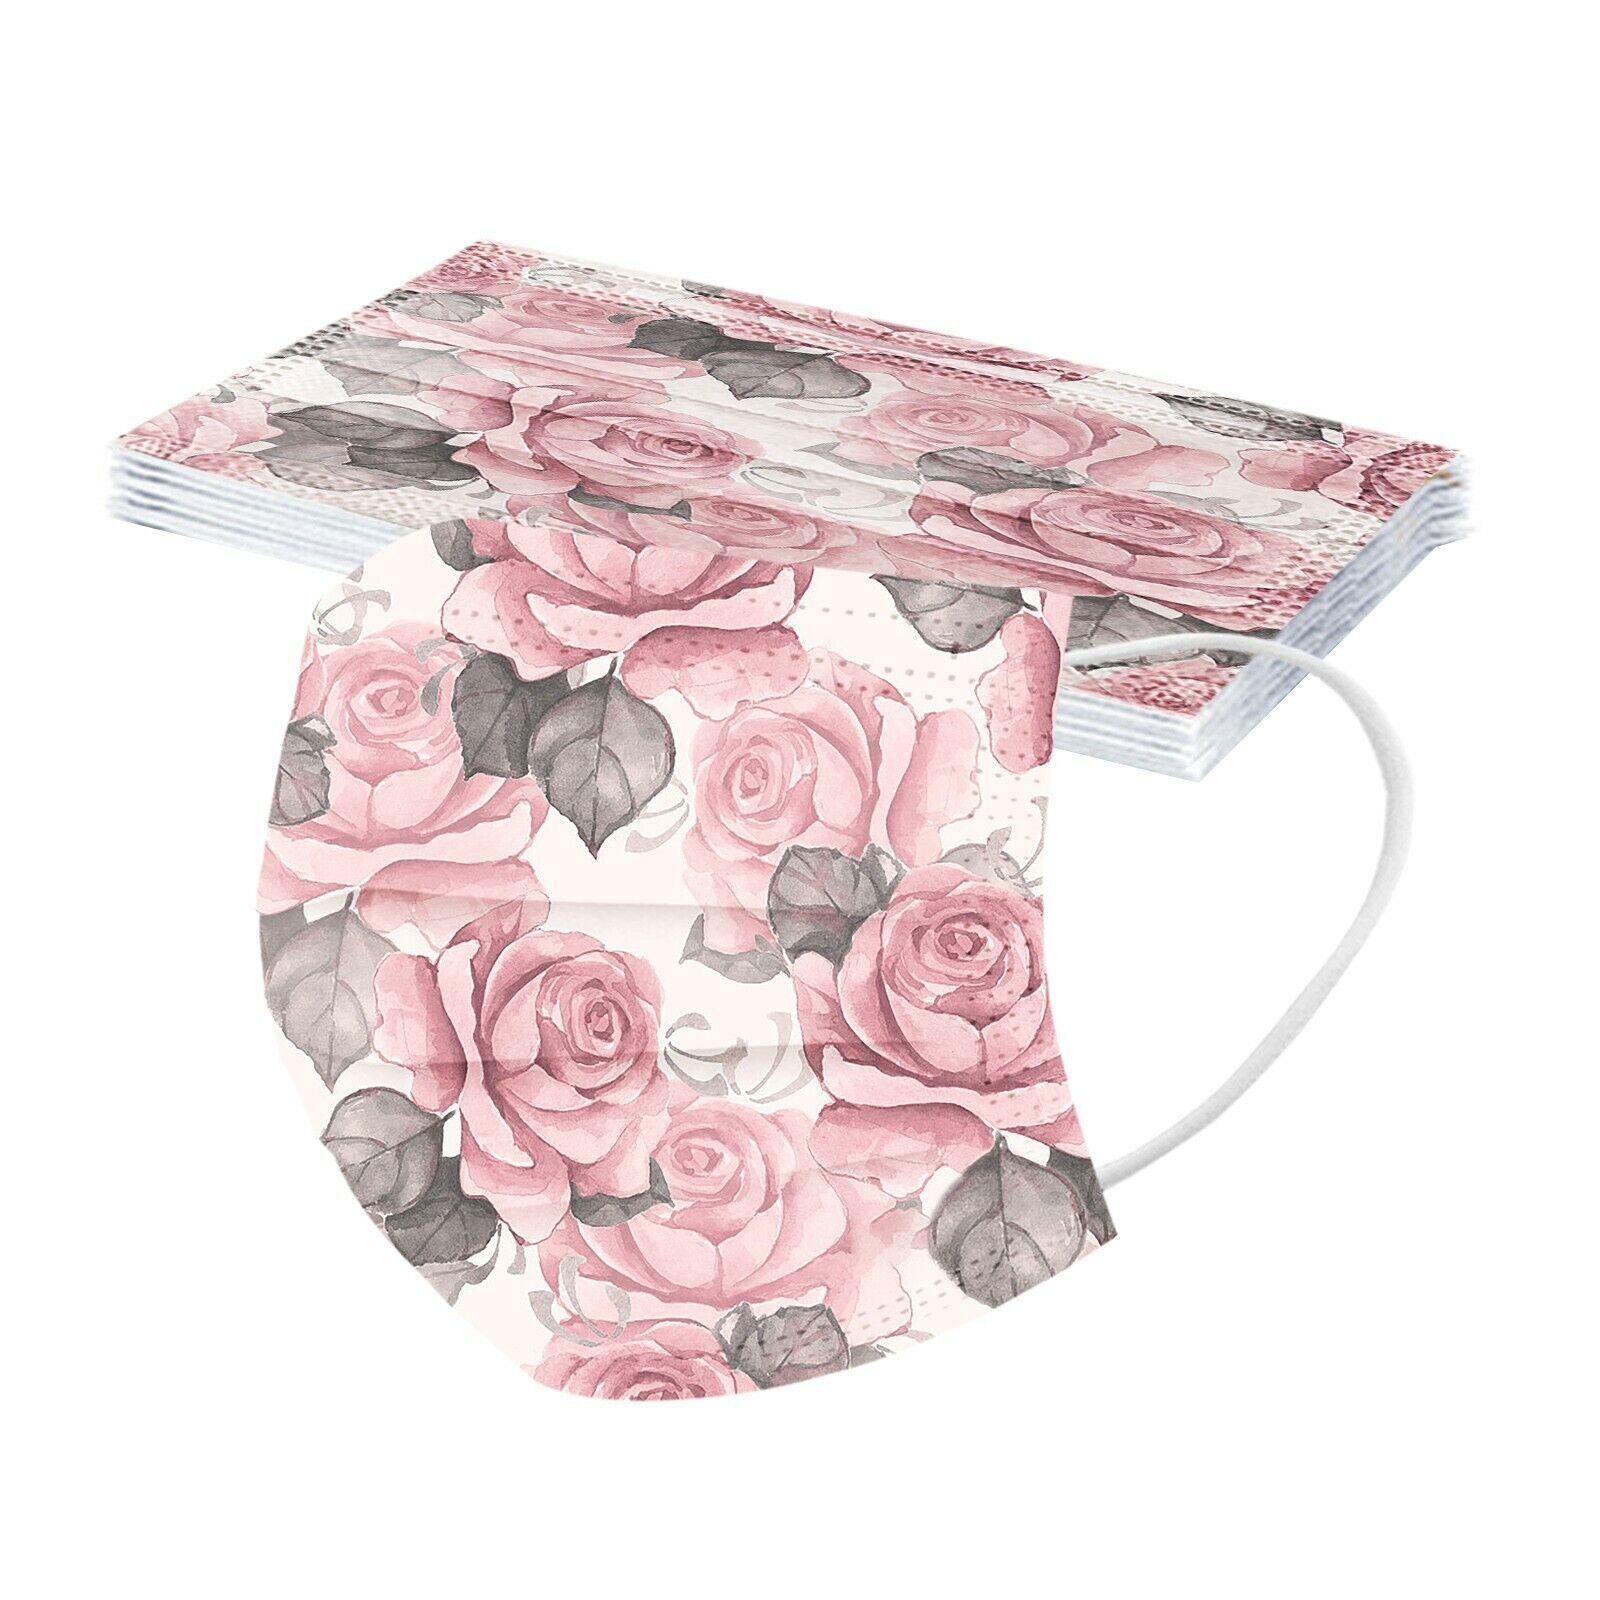 10-50x Mund-Nasen-Maske Blumen Rose Rosen Floral Muster Motiv bunt farbig Rosa